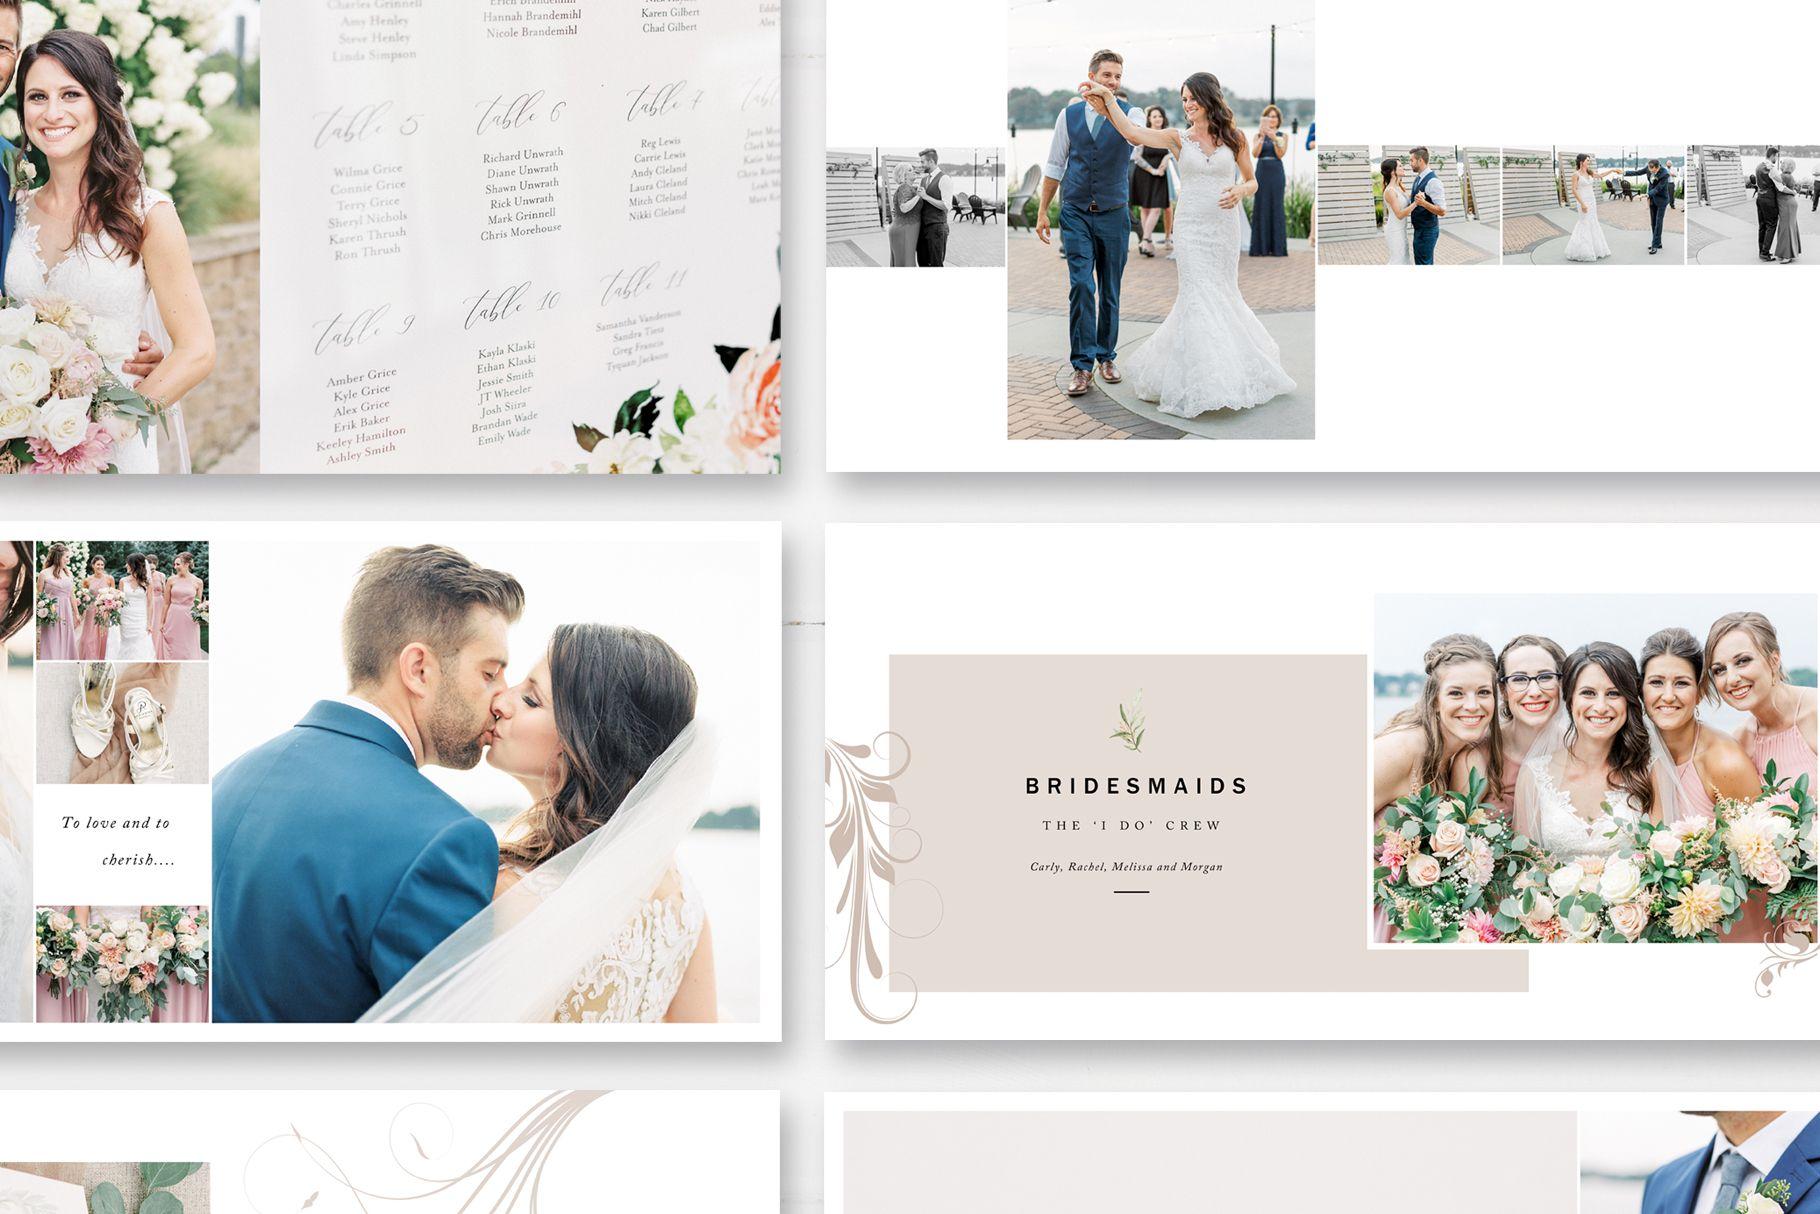 Wedding Photo Album Template The Natural Album By Stephanie Design Wedding Photo Albums Wedding Album Wedding Album Templates